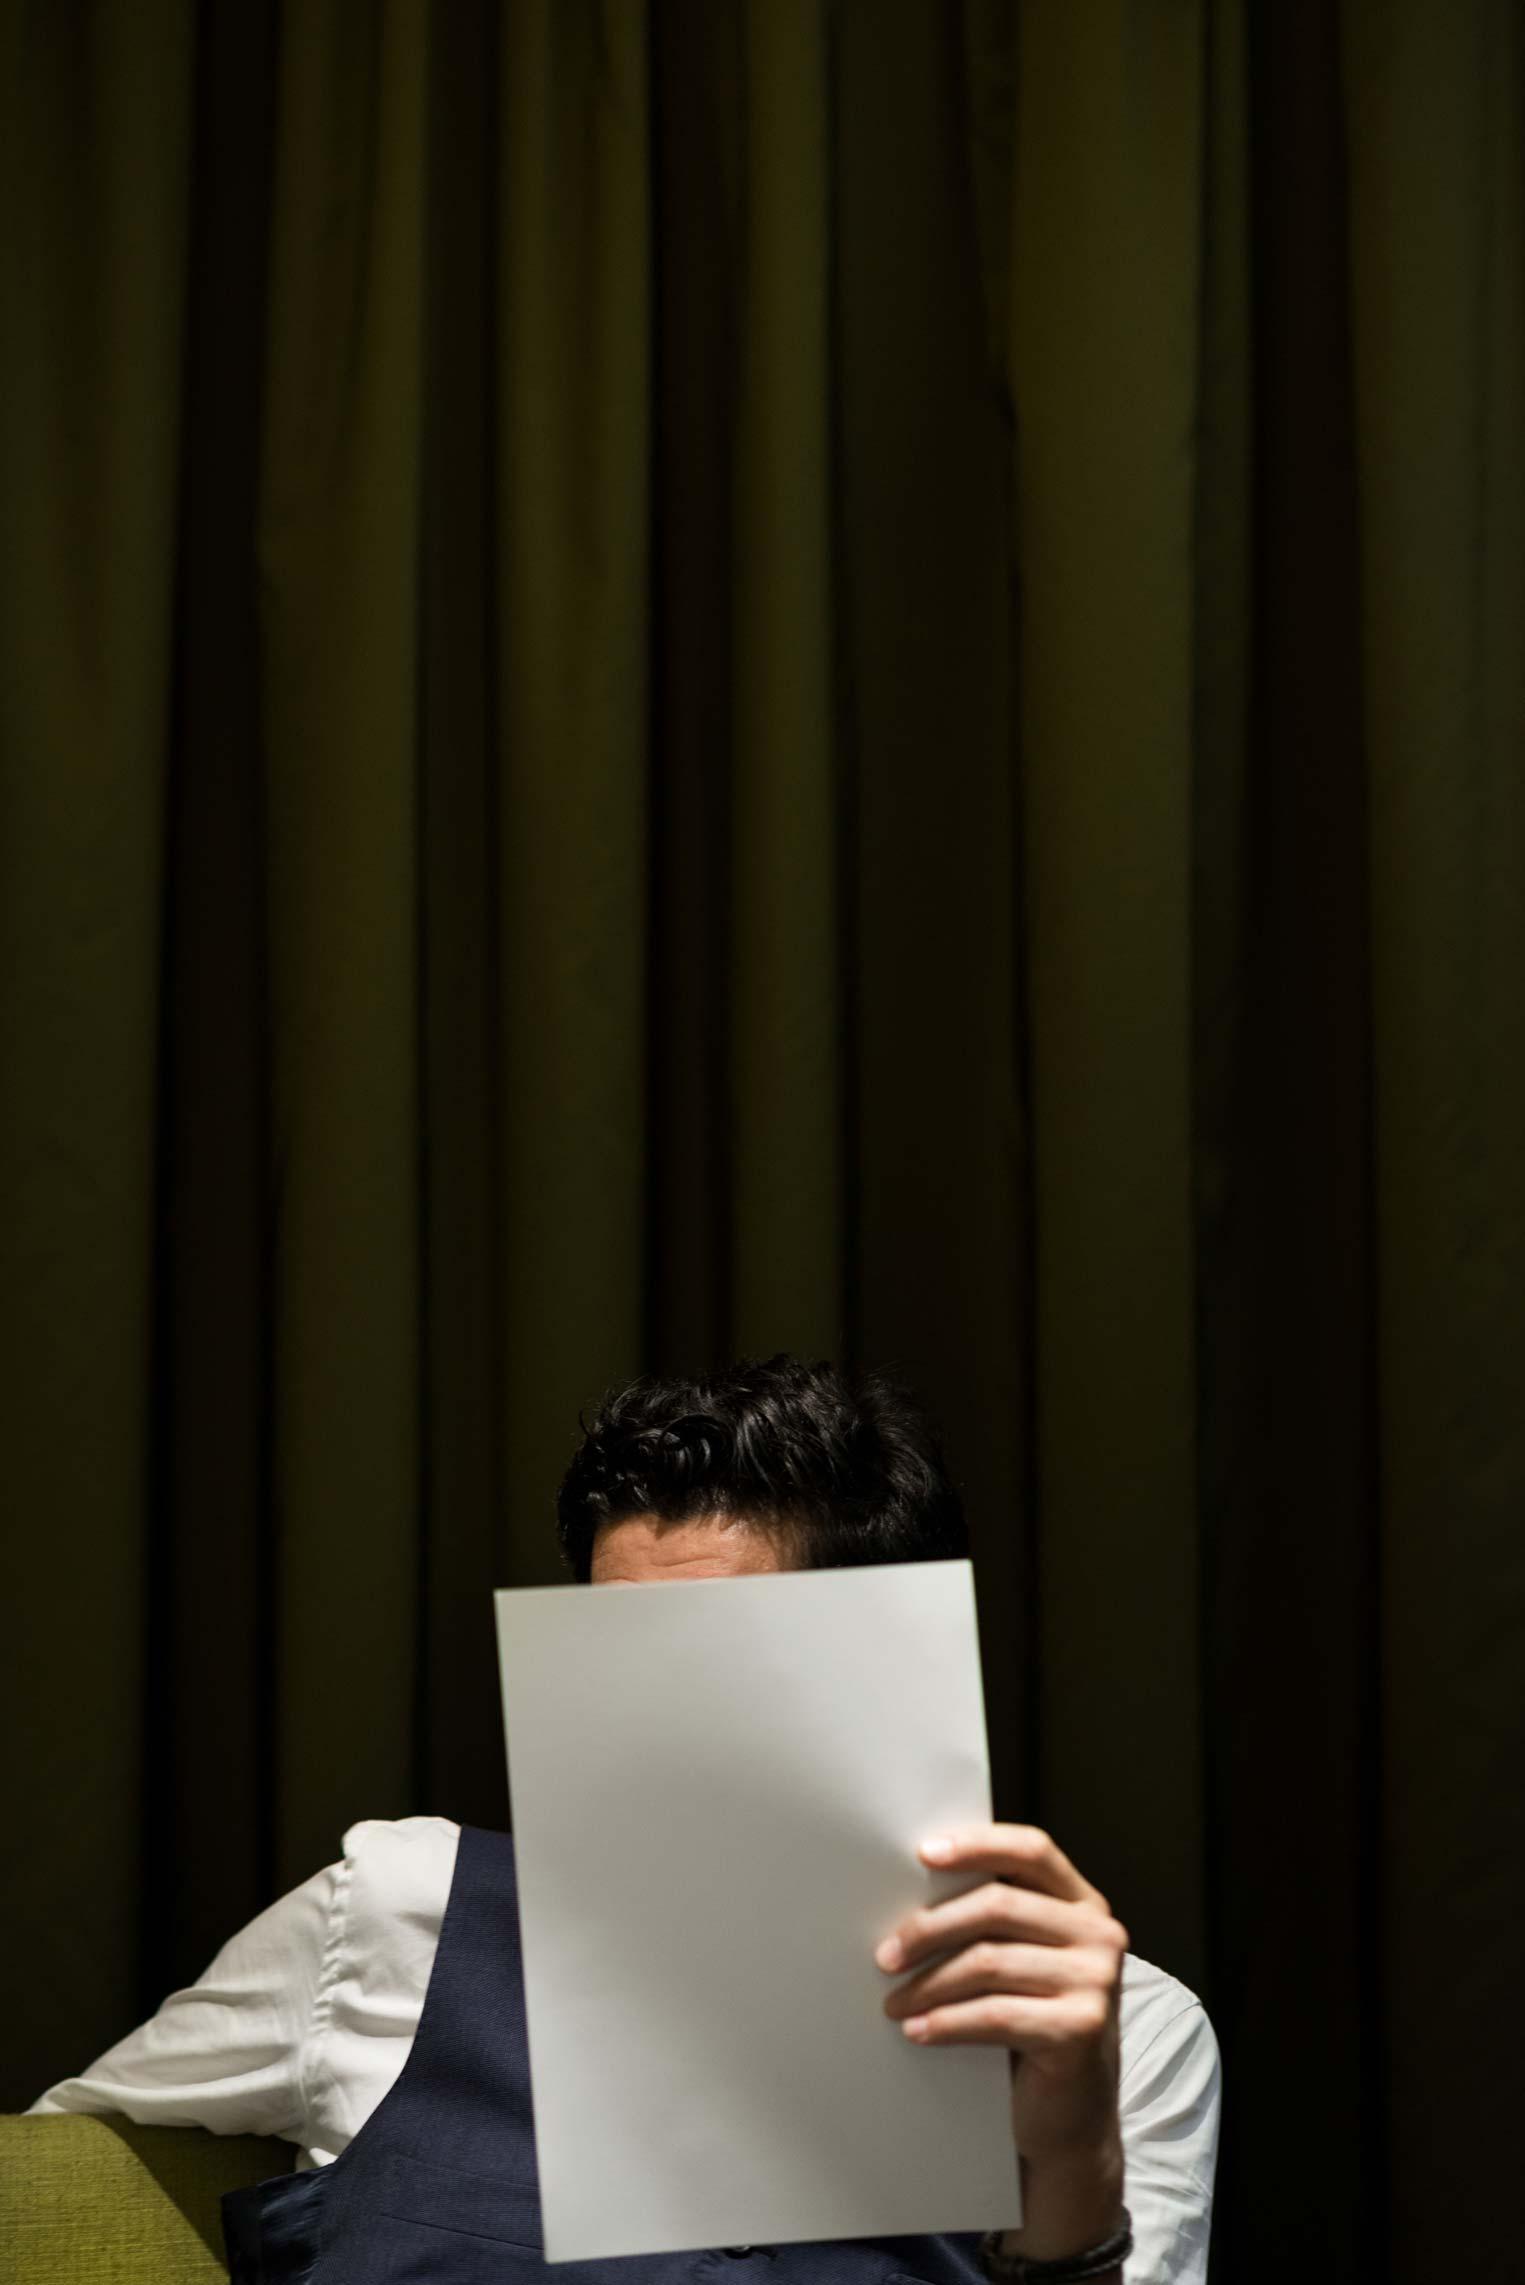 Porträt von Paul Ivic, sein Gesicht wird bis auf die Stirn von einem weißem Papier verdeckt